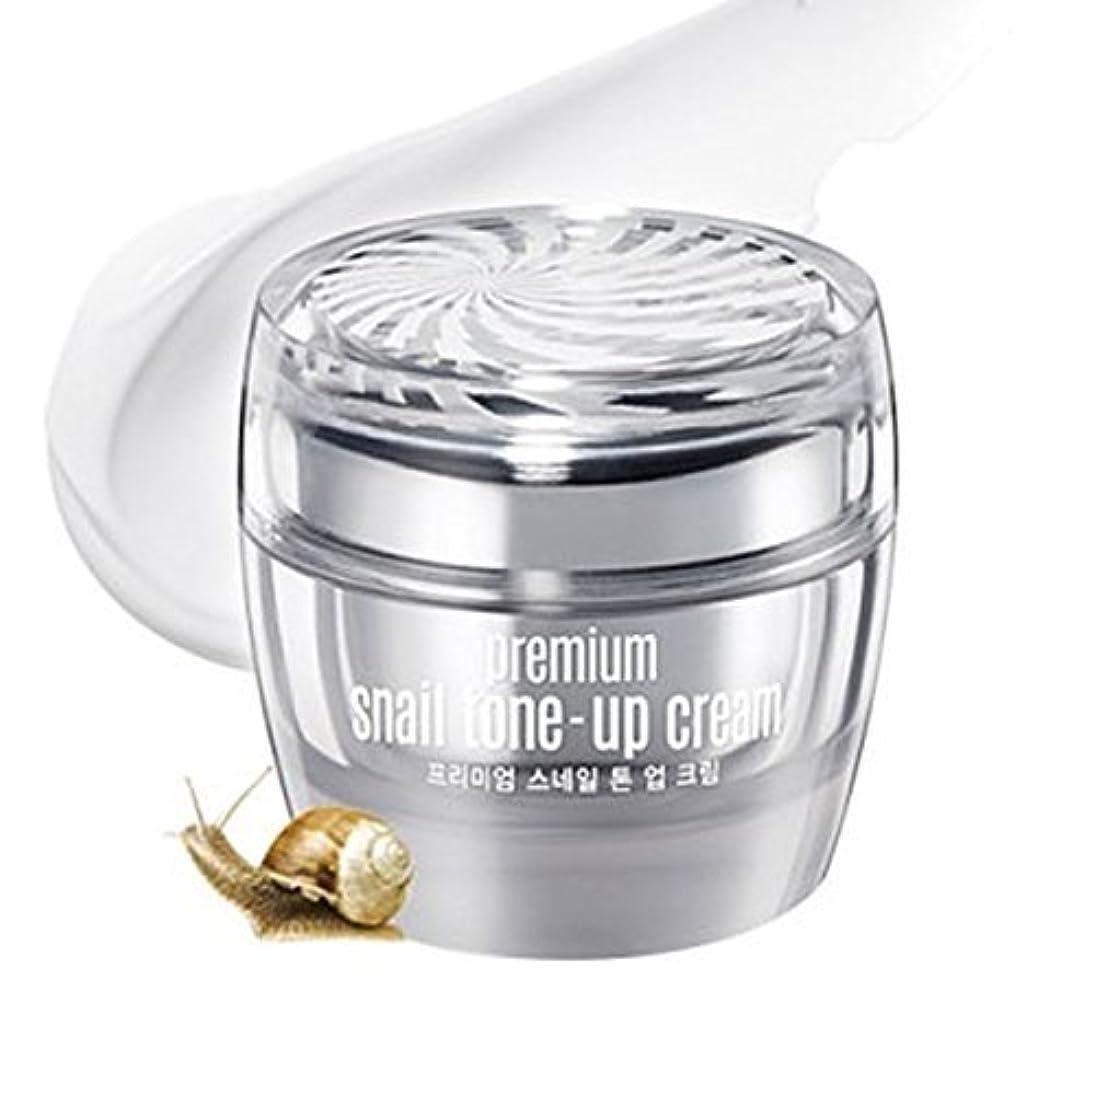 笑シーフード私達グーダル プレミアム スネイル トーンアップ クリーム CLIO Goodal Premium Snail Tone Up Whitening Cream 50ml(1.69oz)/Korea Cosmetic [並行輸入品]